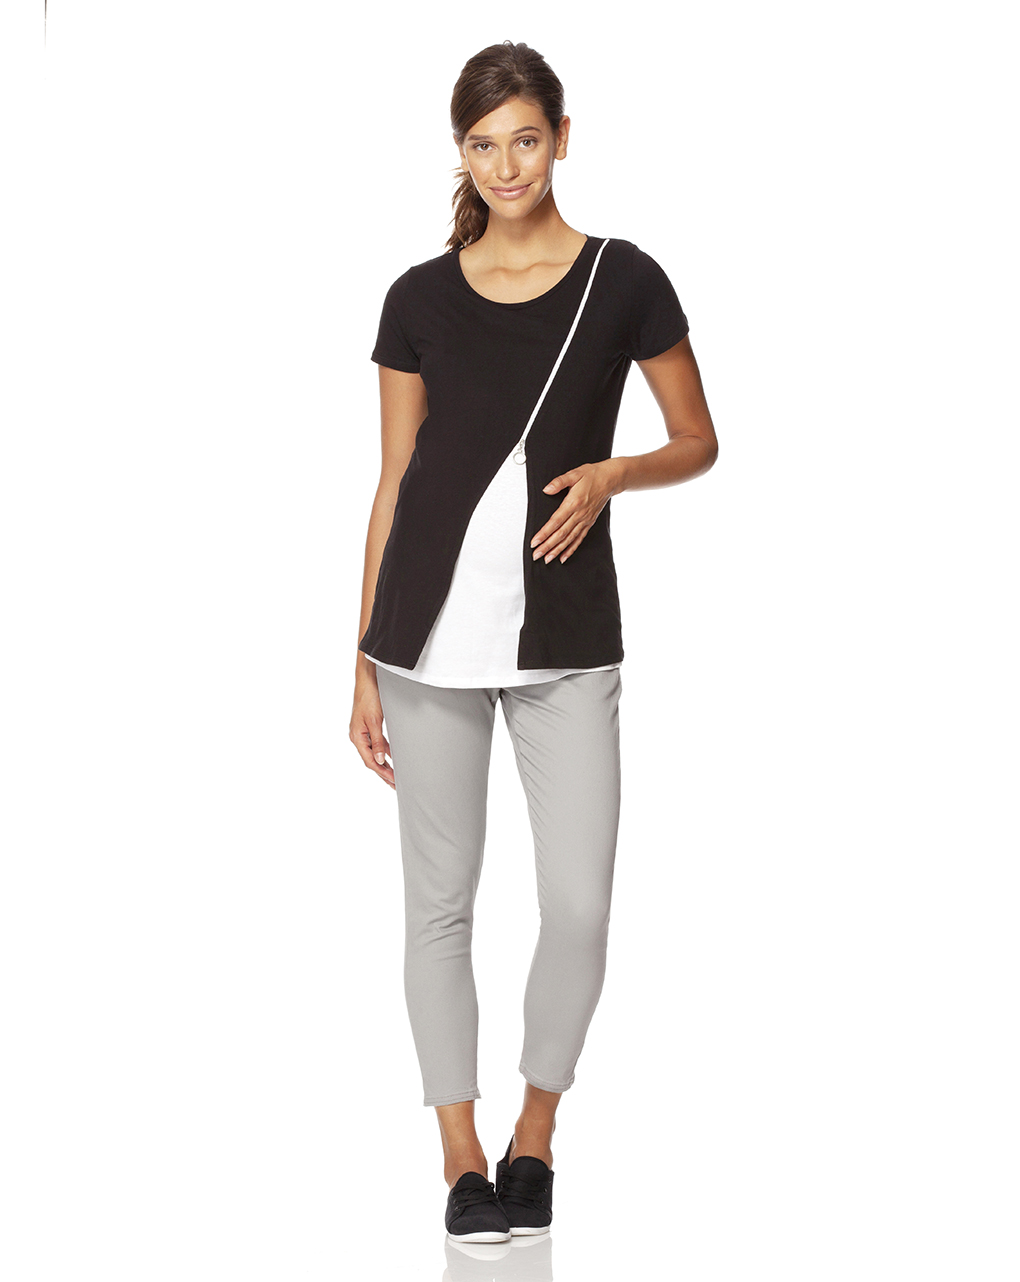 Camiseta preta e branca de amamentação com mangas curtas e zíper - Prénatal